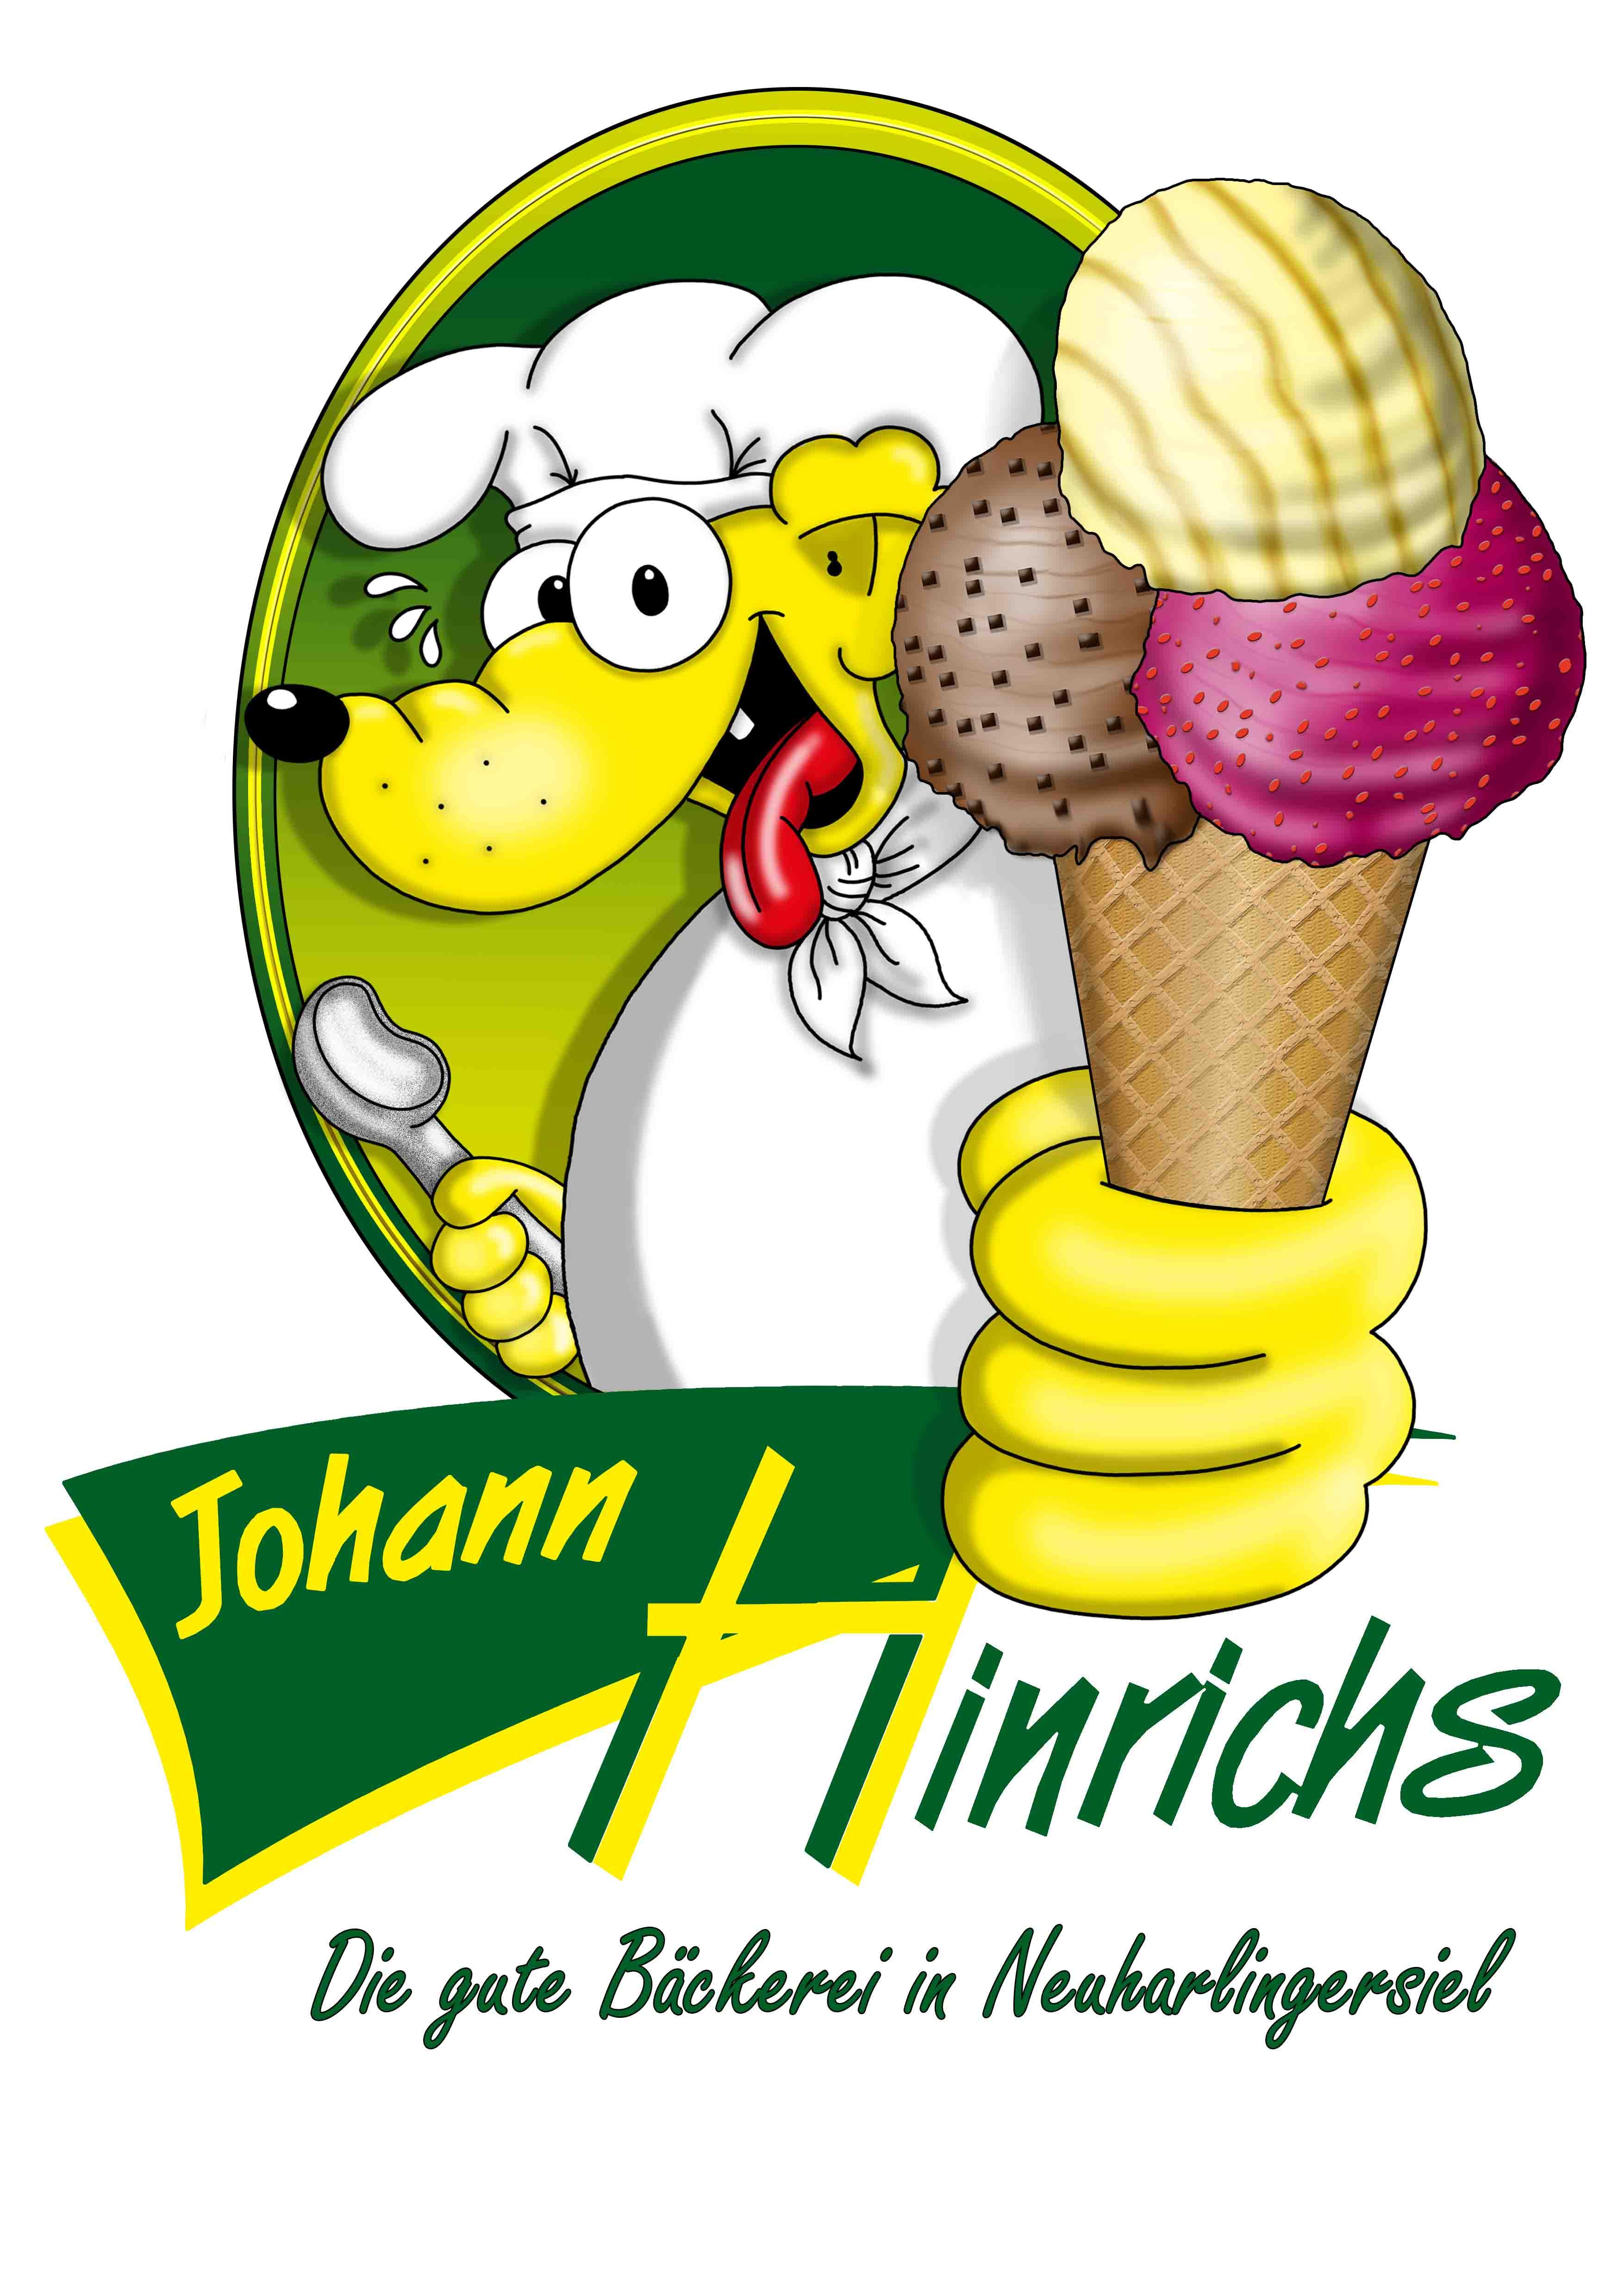 Bäcker HINRICHS neues eisschild mit logo